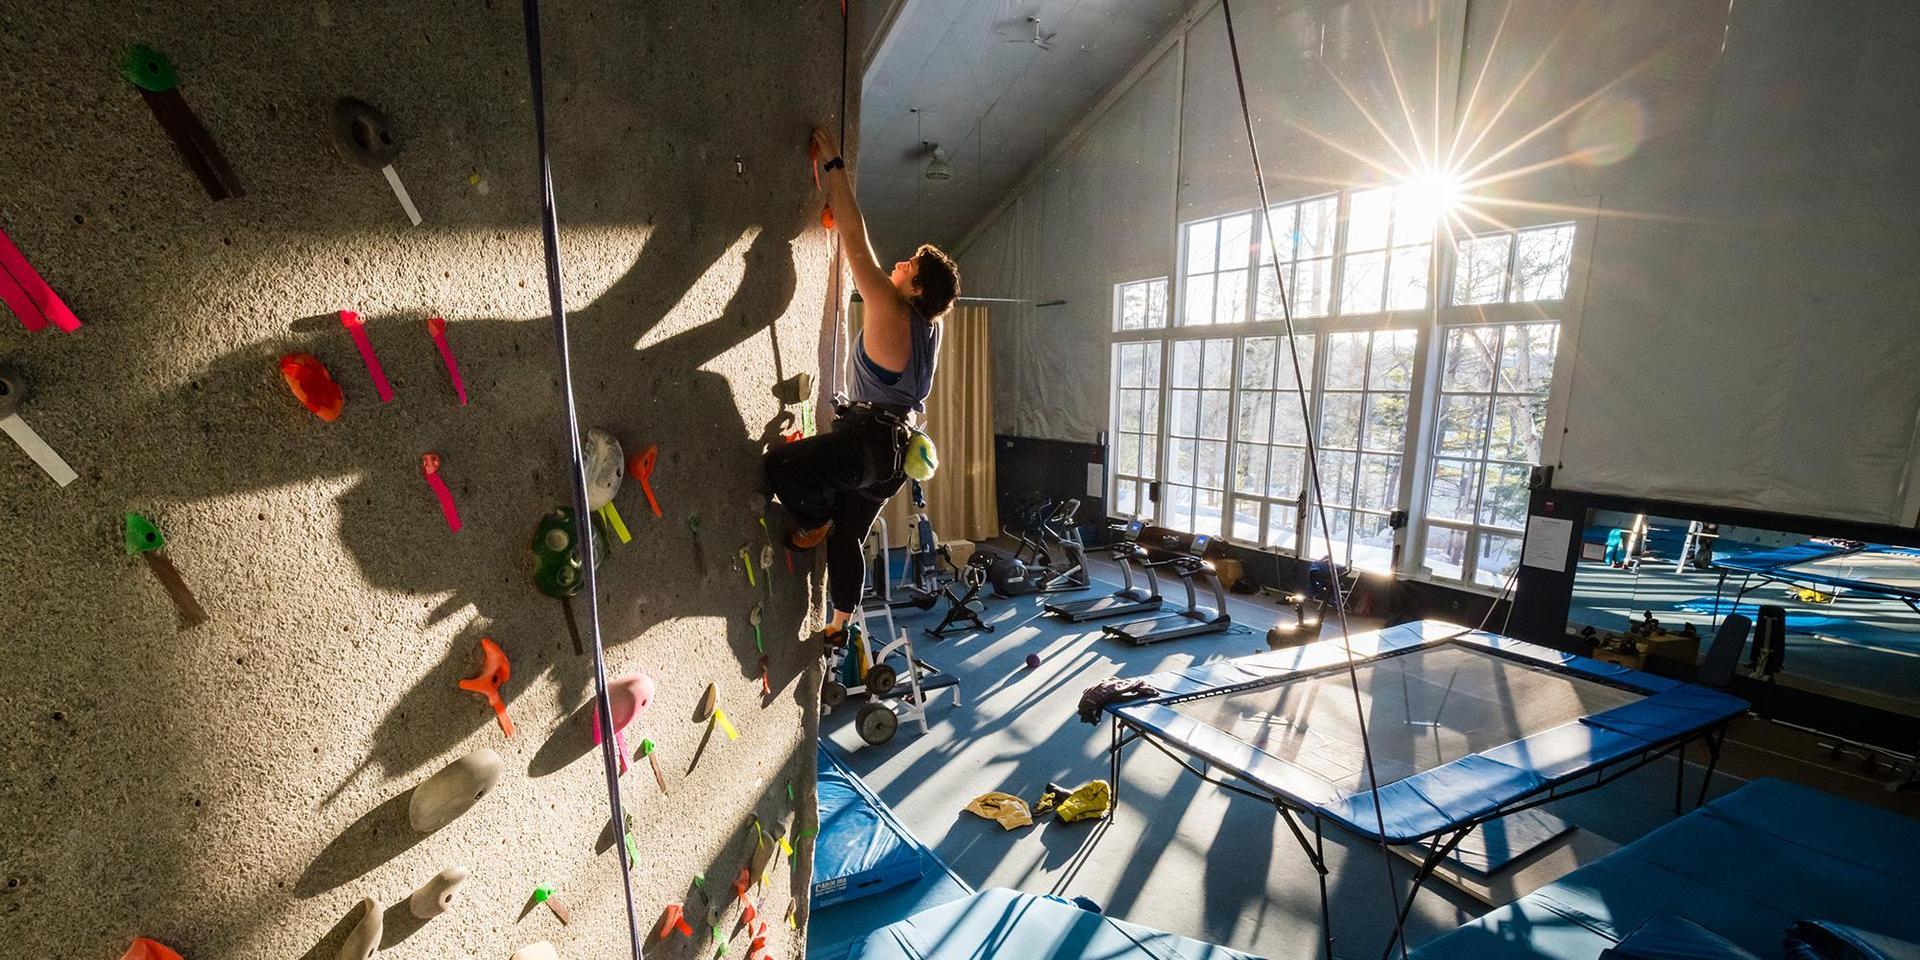 一名学生正在攀登贝弗利·塞林格·布德攀岩墙.